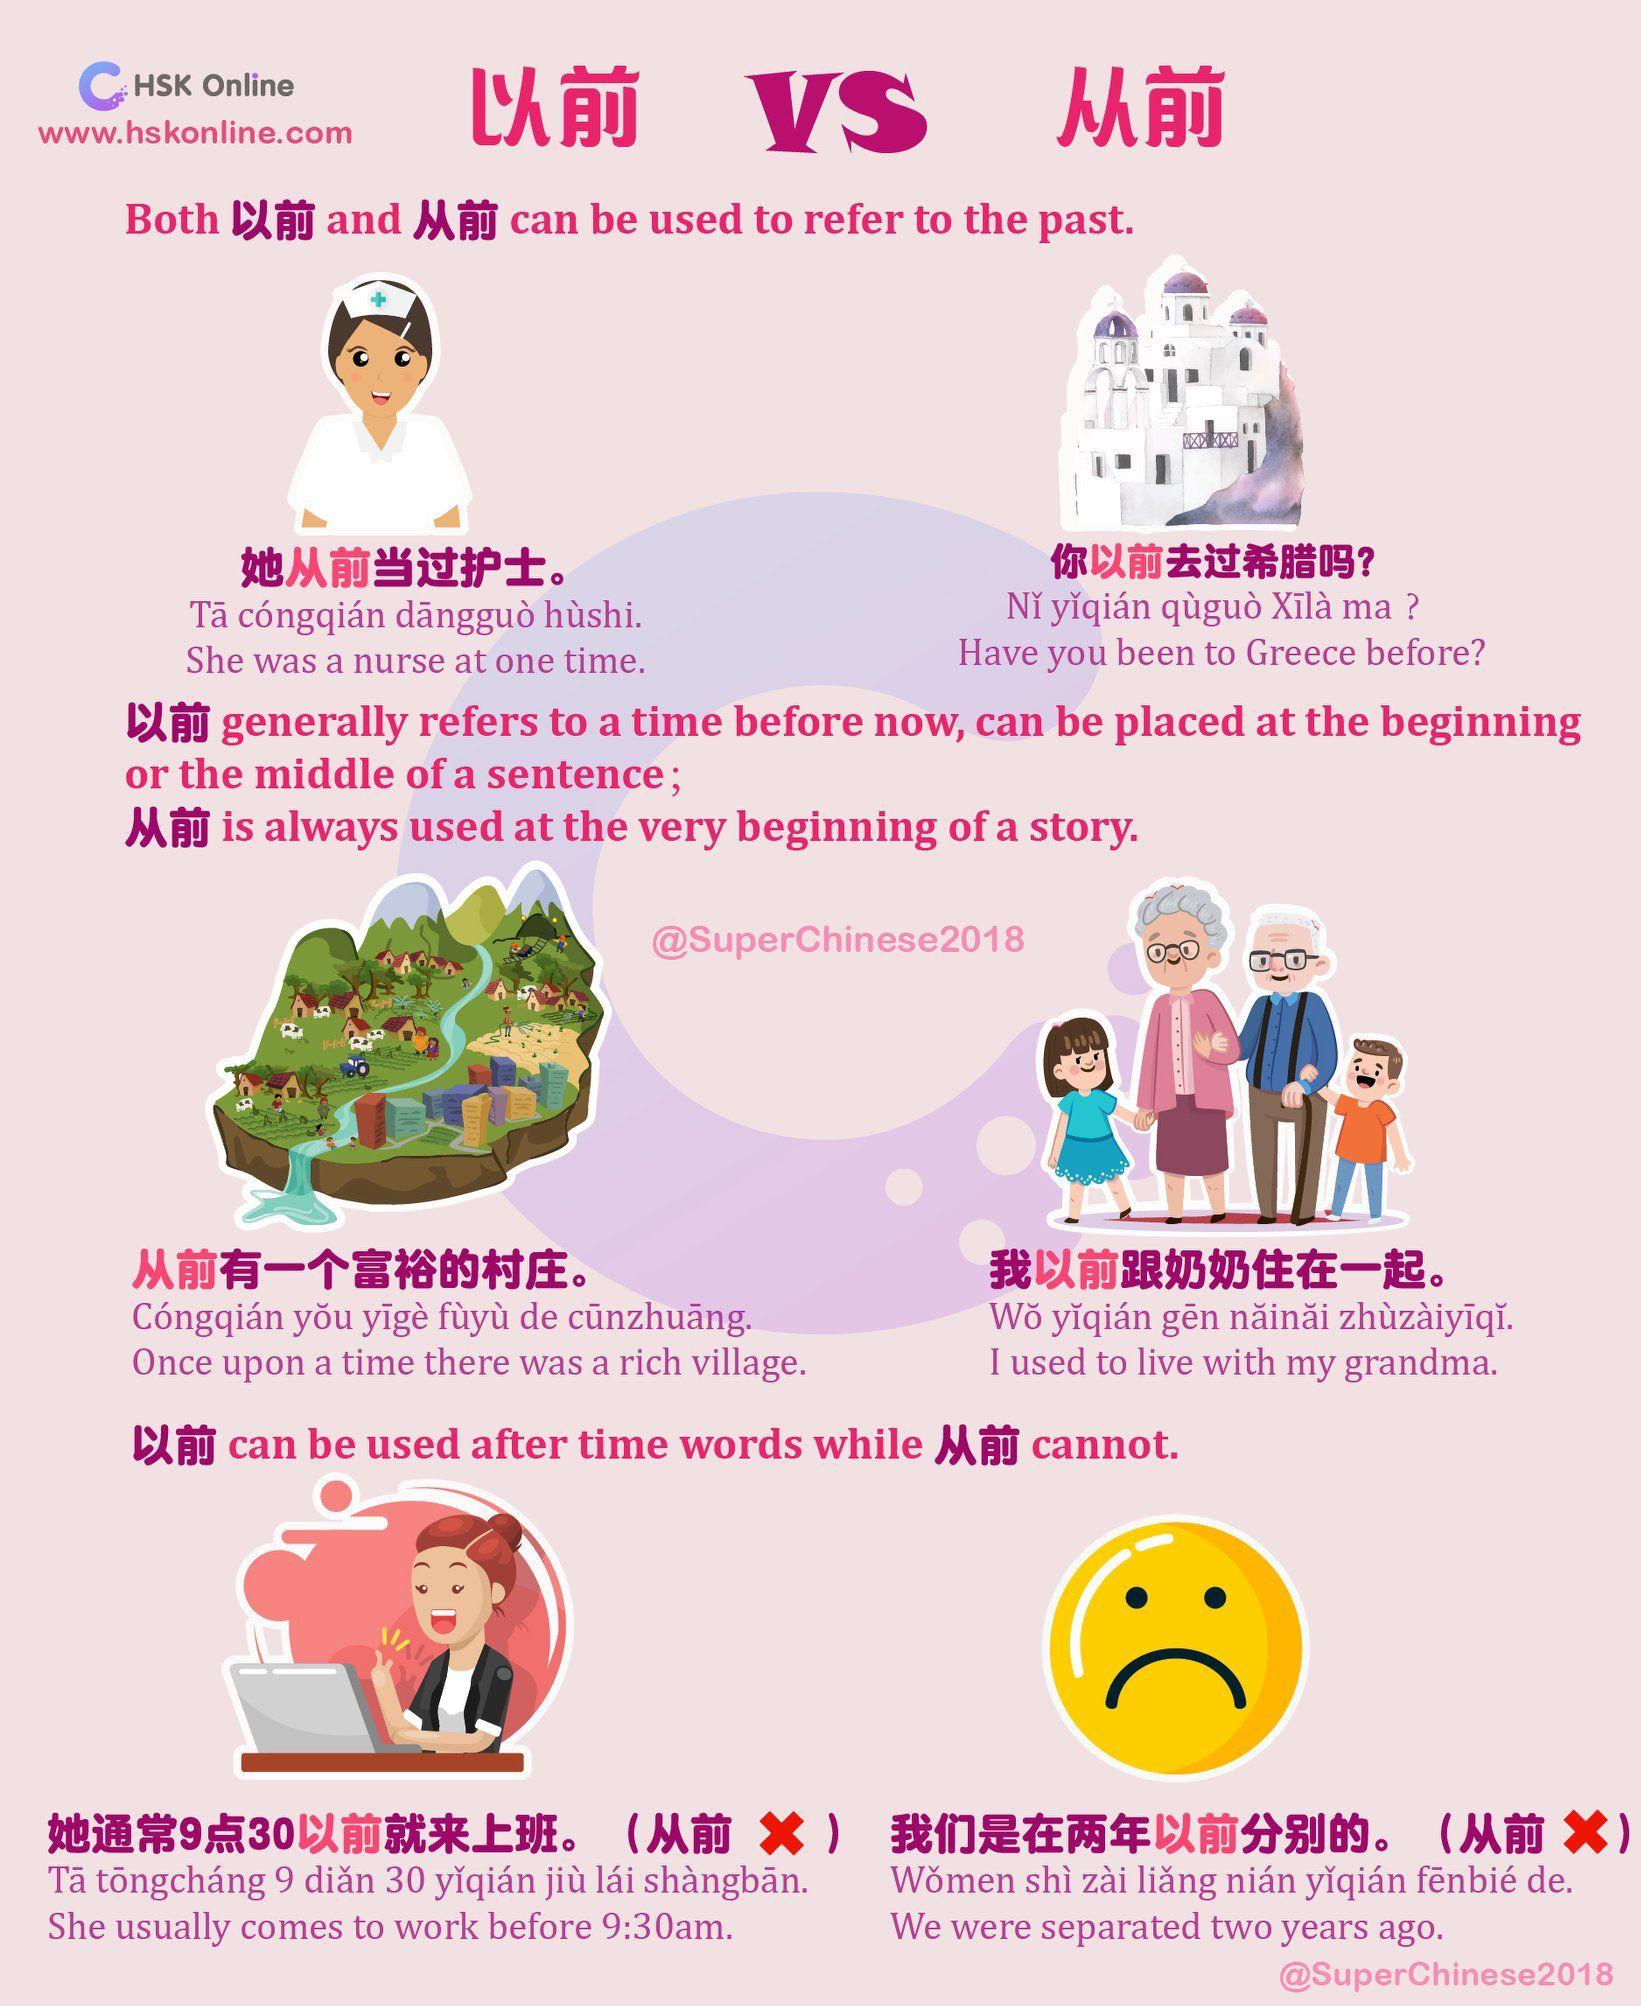 以前(yǐqián) and 从前 (cóngqián)